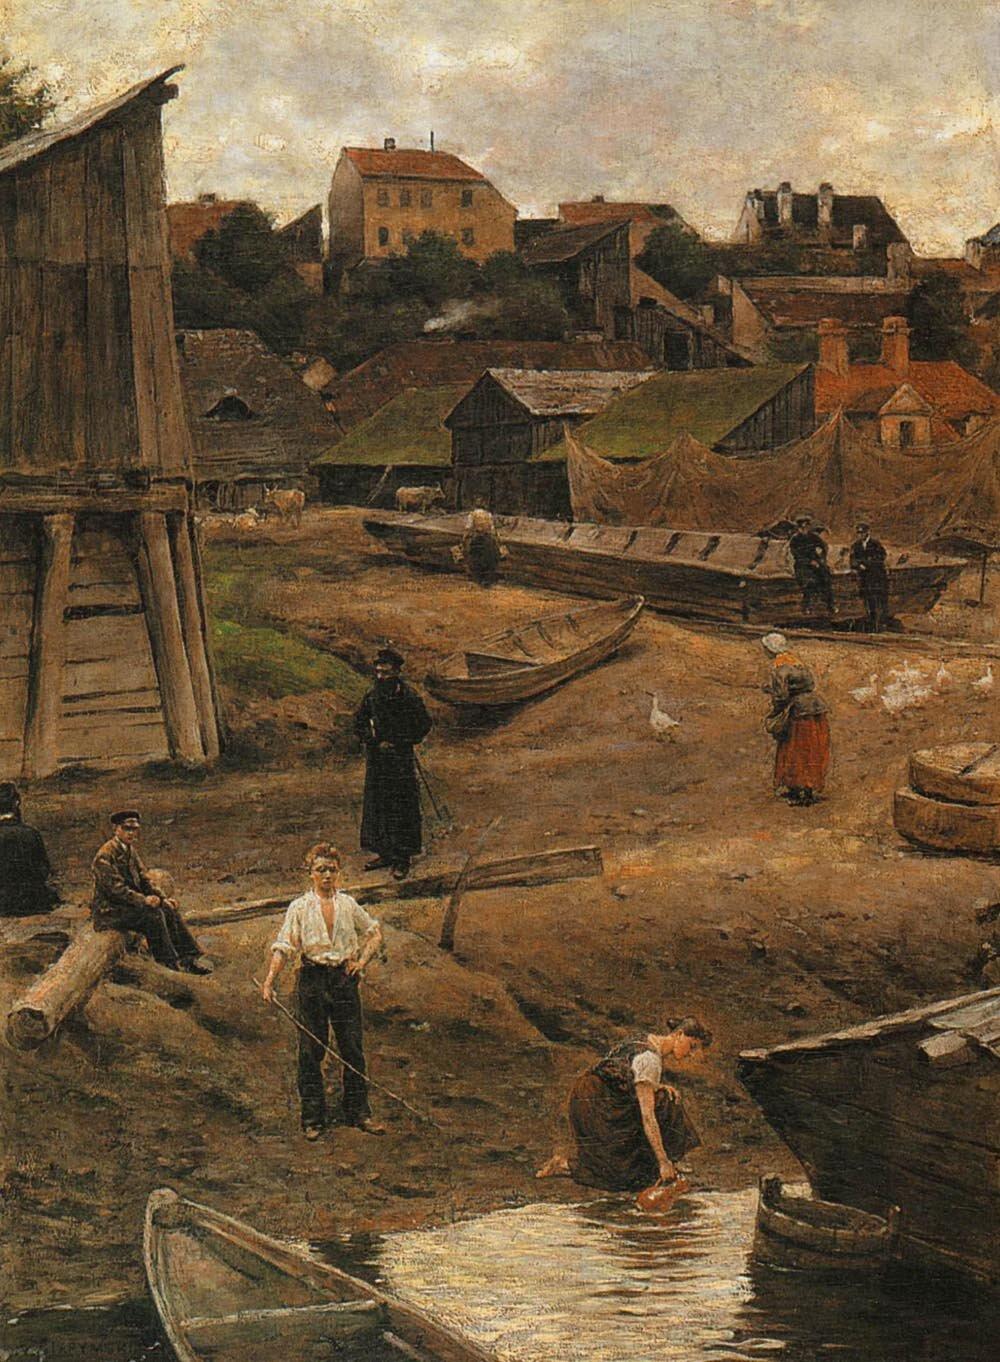 Powiśle Źródło: Aleksander Gierymski, Powiśle, 1883, olej na płótnie, Muzeum Narodowe, Kraków, domena publiczna.